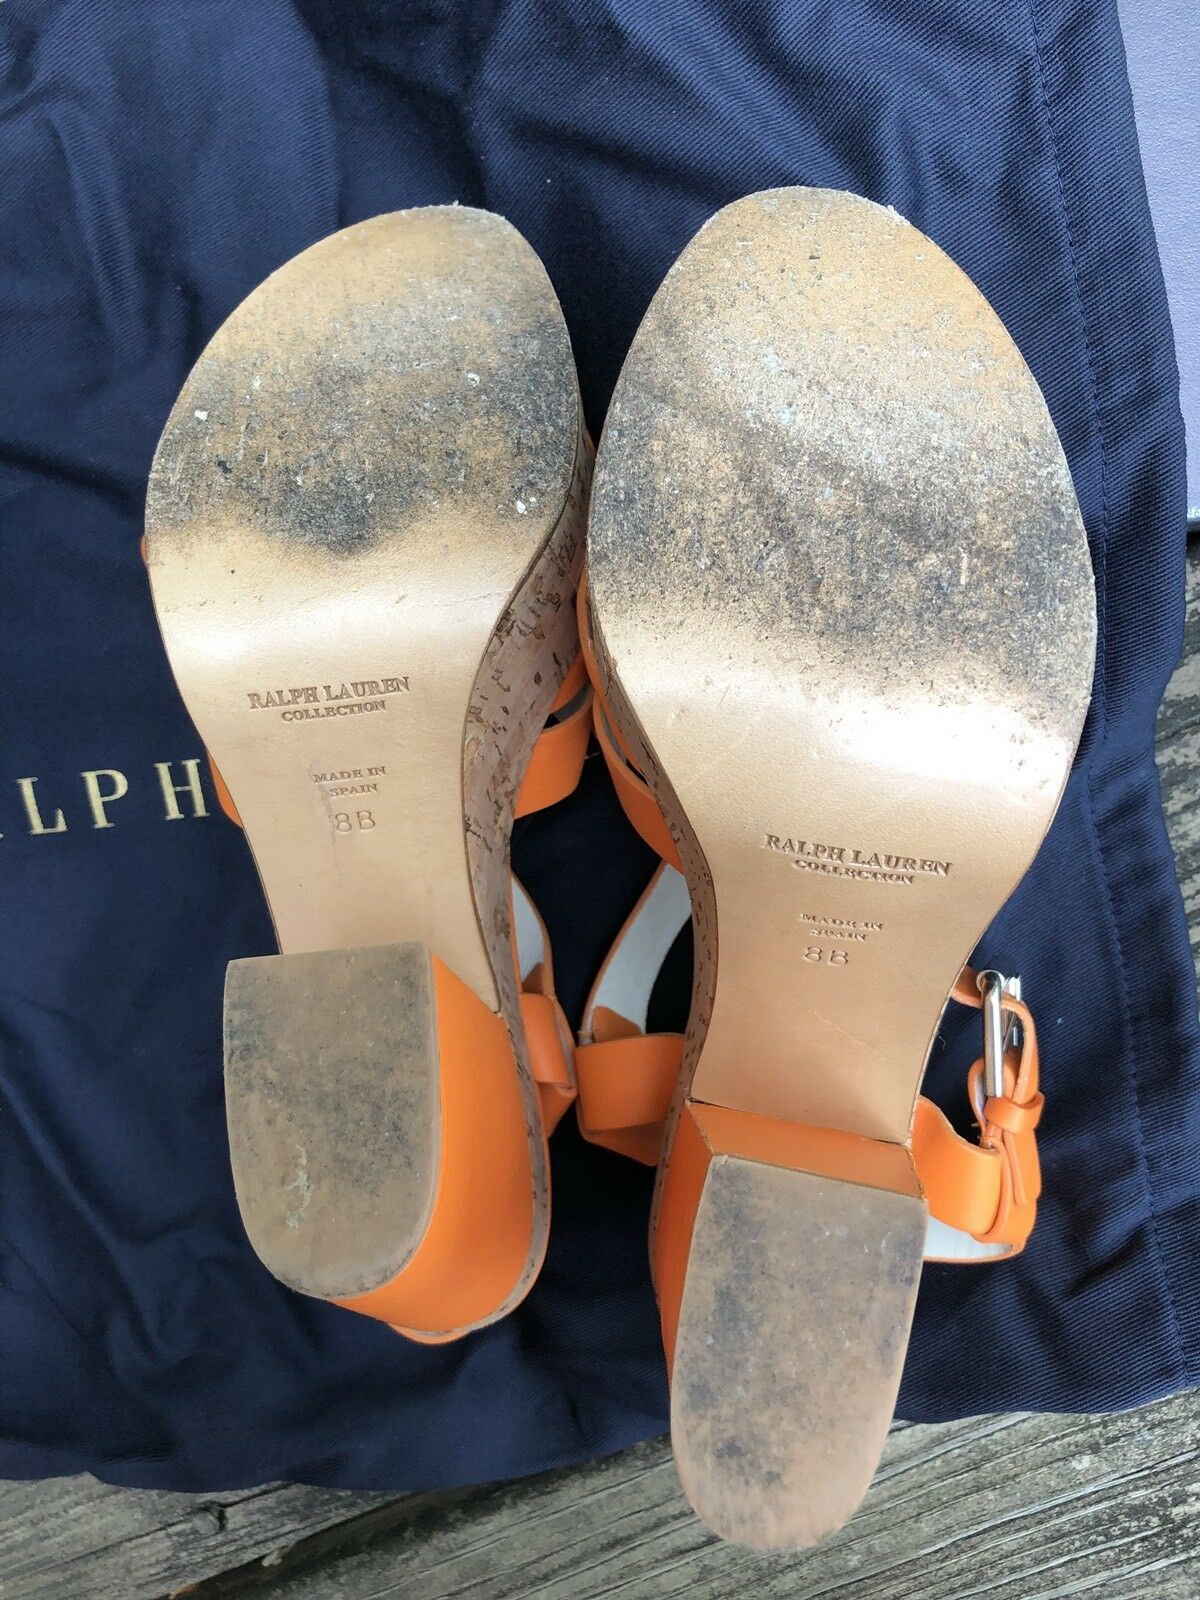 Ralph Lauren heel Collection Damens platform heel Lauren Sandales, Größe 8US value 525, orange 0618d8